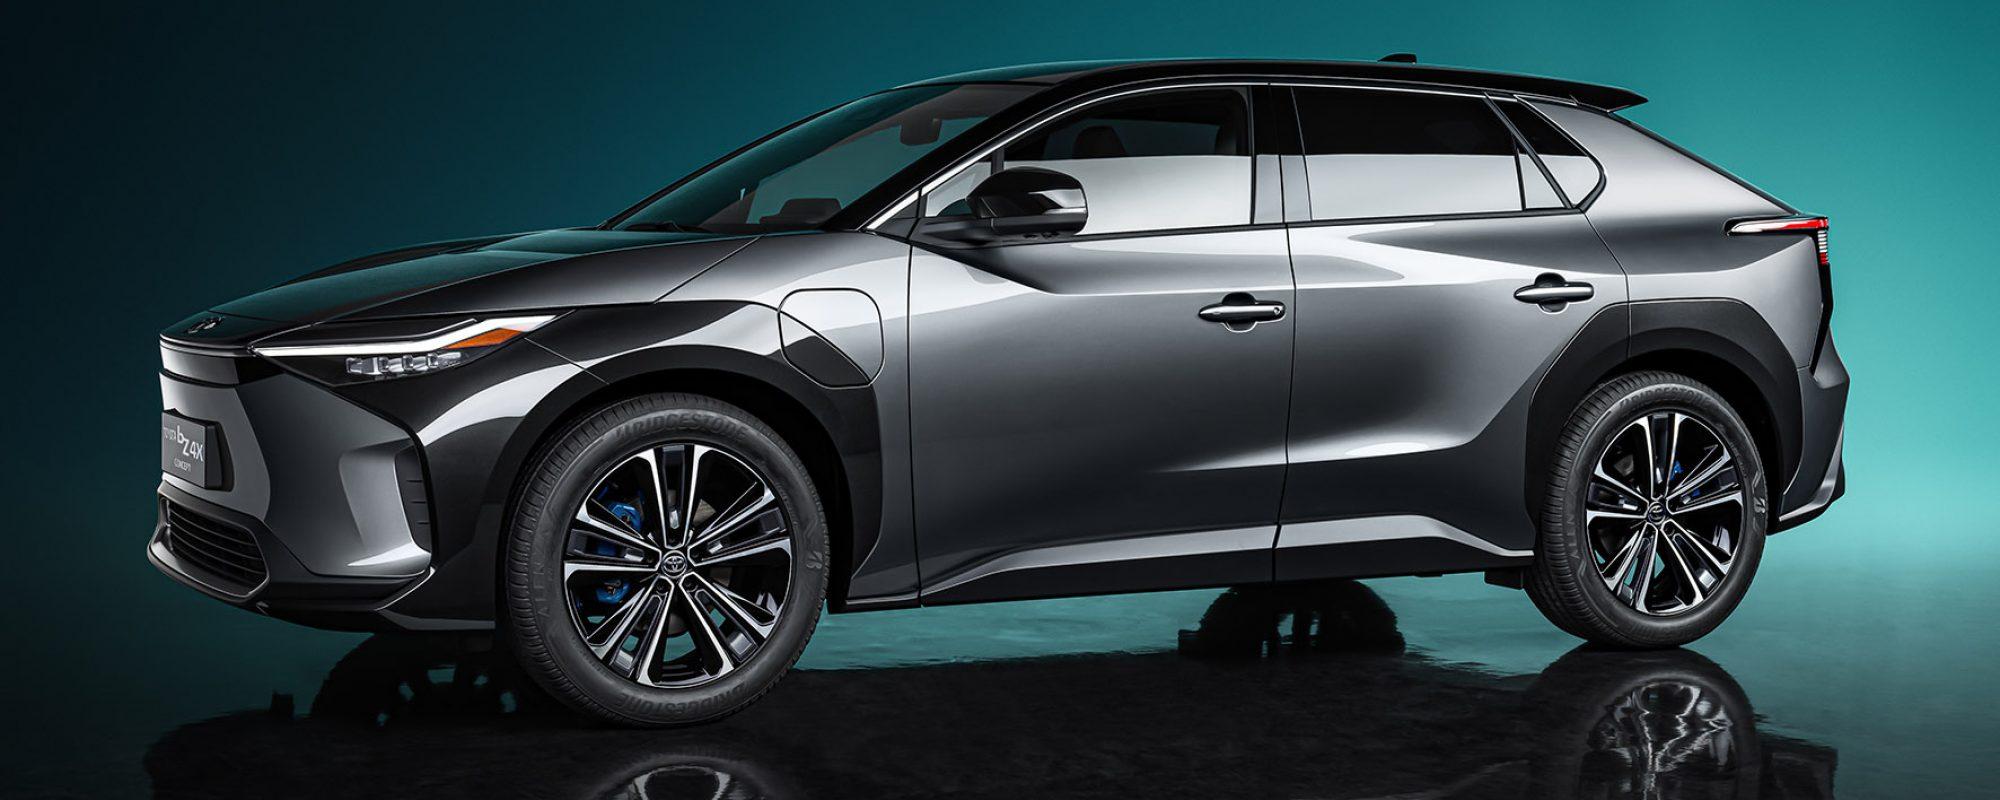 01_Toyota_bZ4X_Concept_exterieur-2000x800